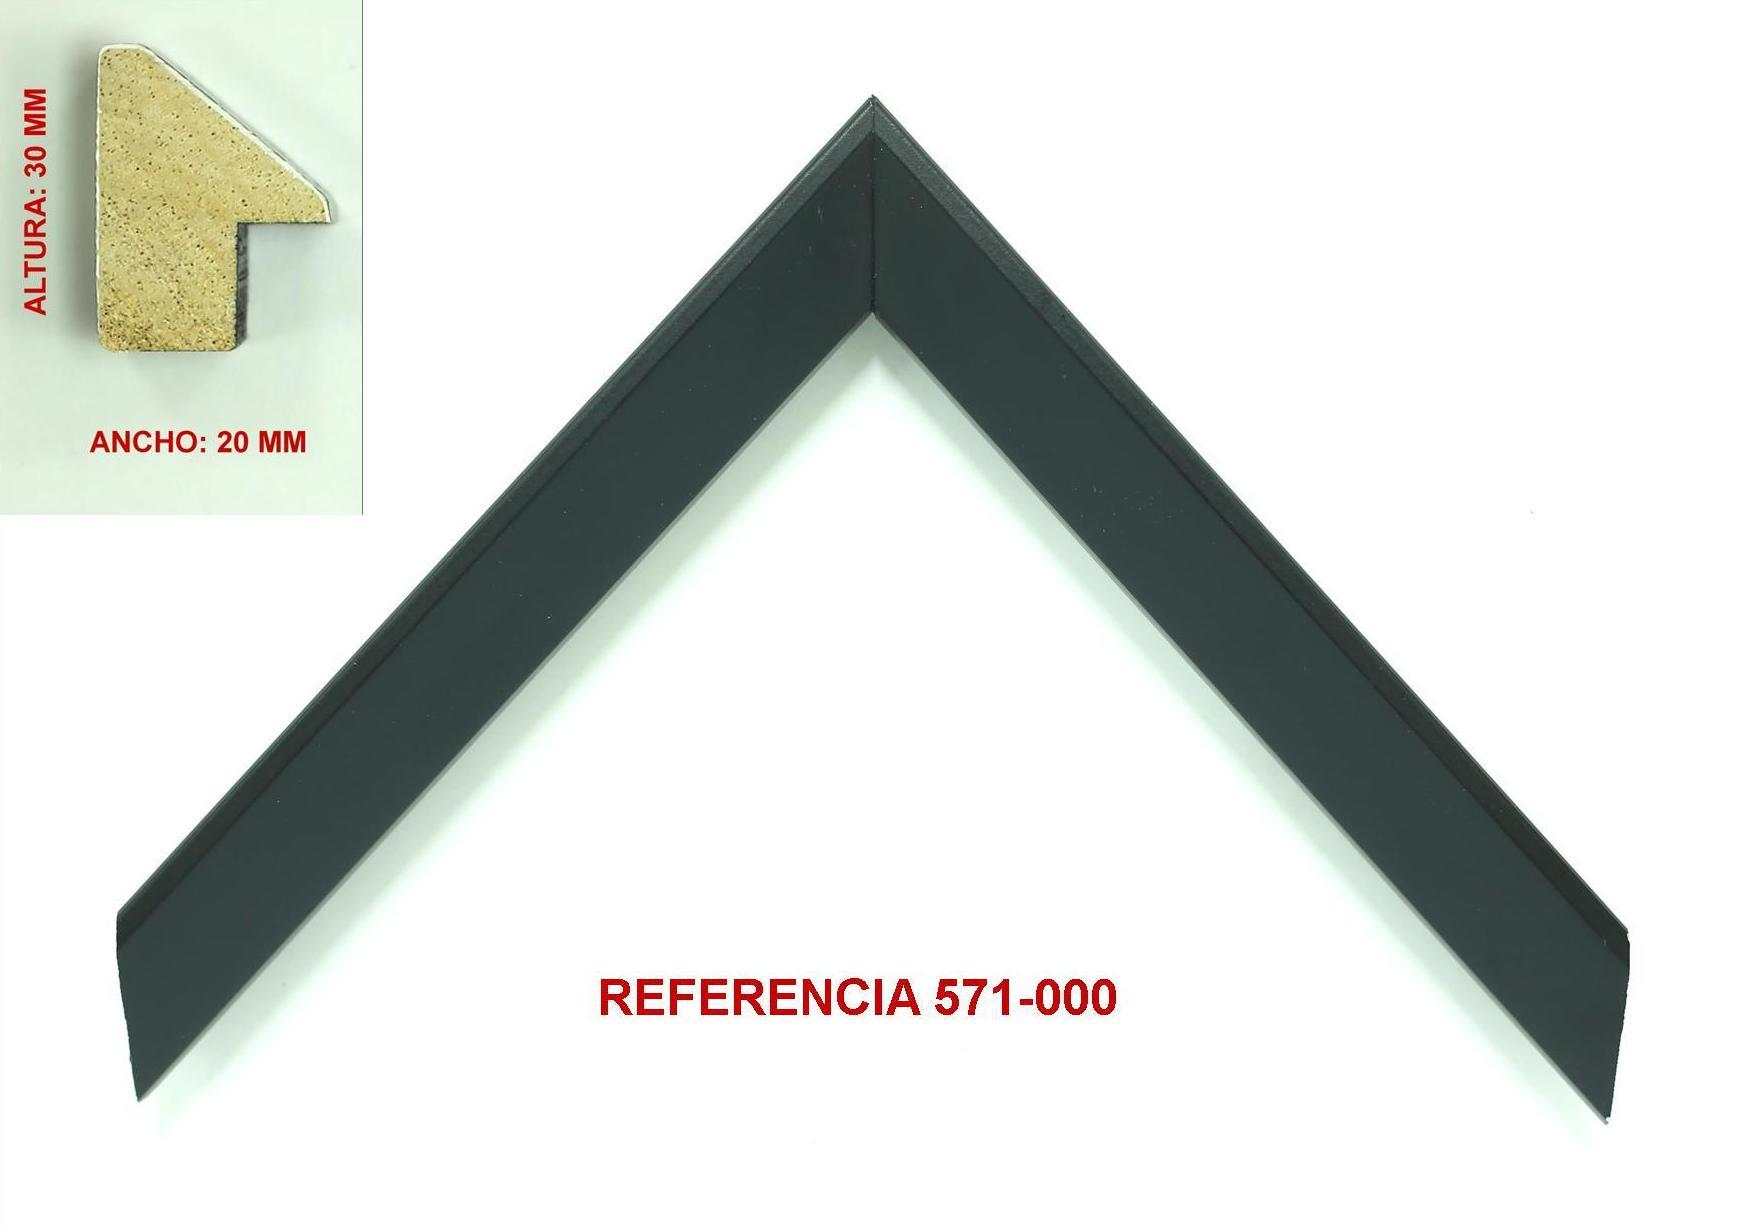 REF 571-000: Muestrario de Moldusevilla